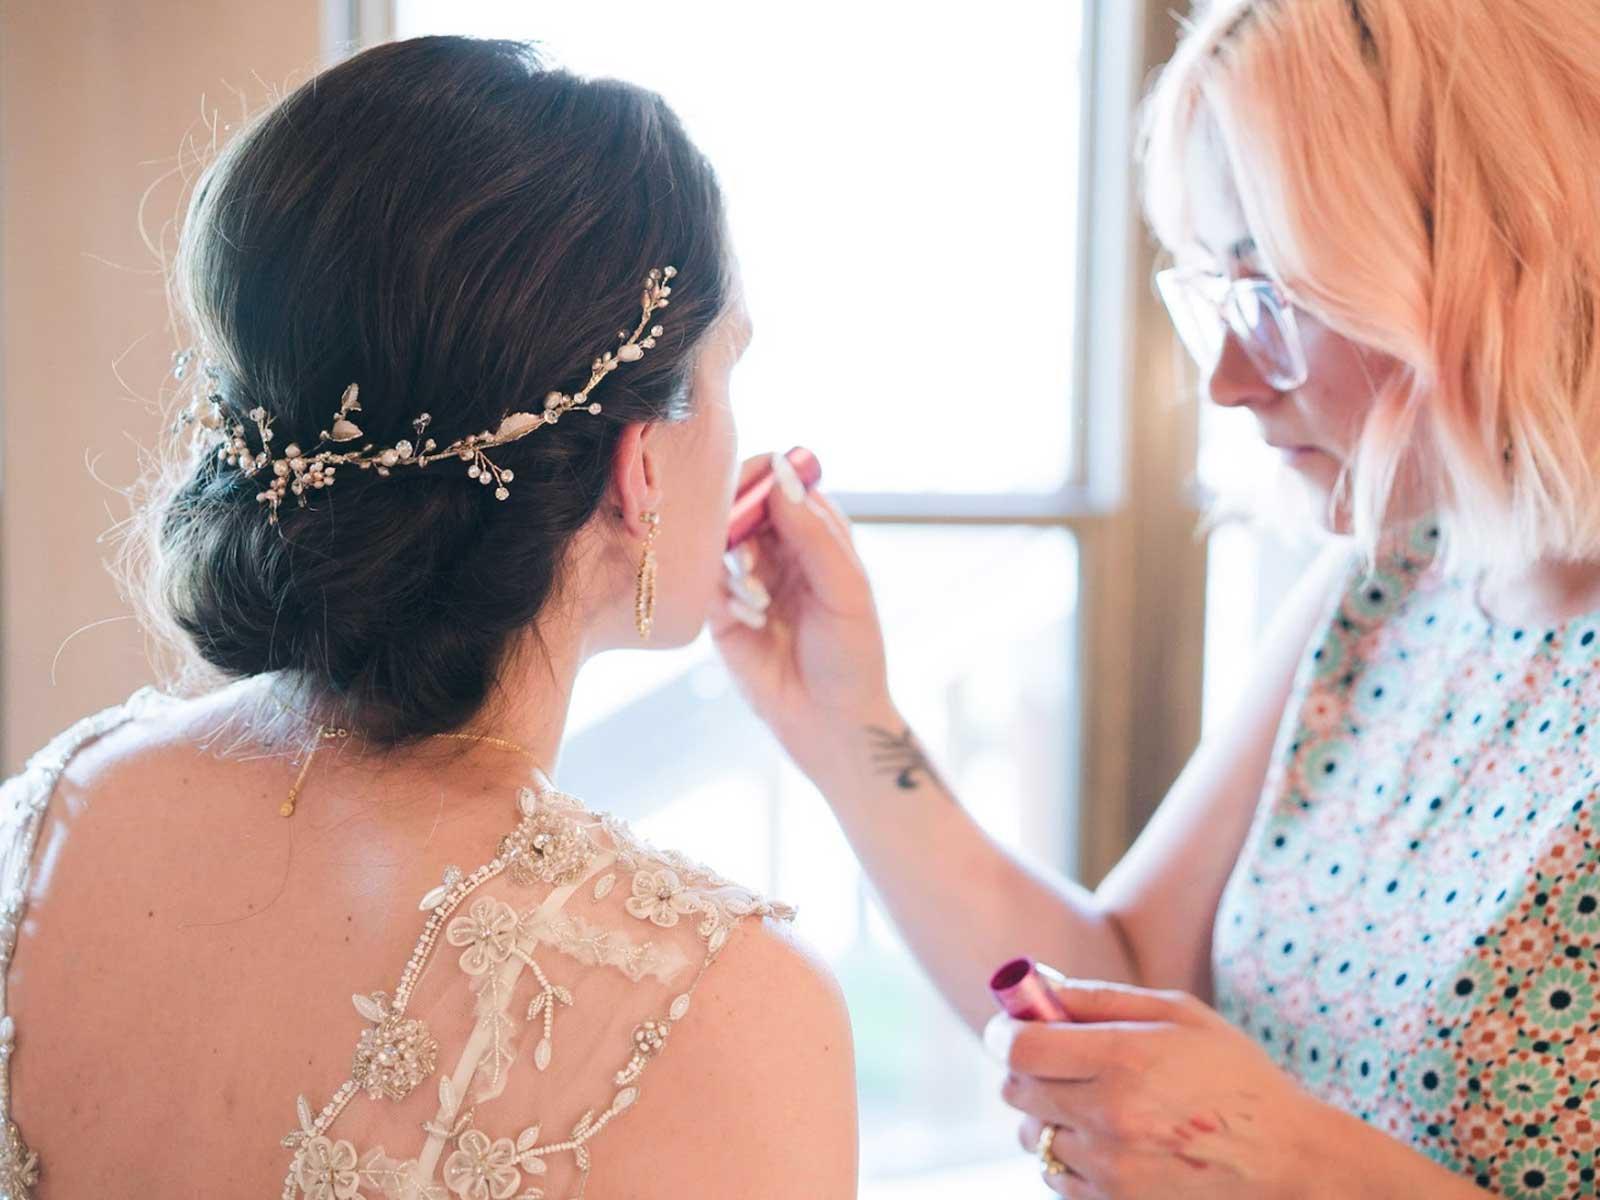 carmen bride getting ready